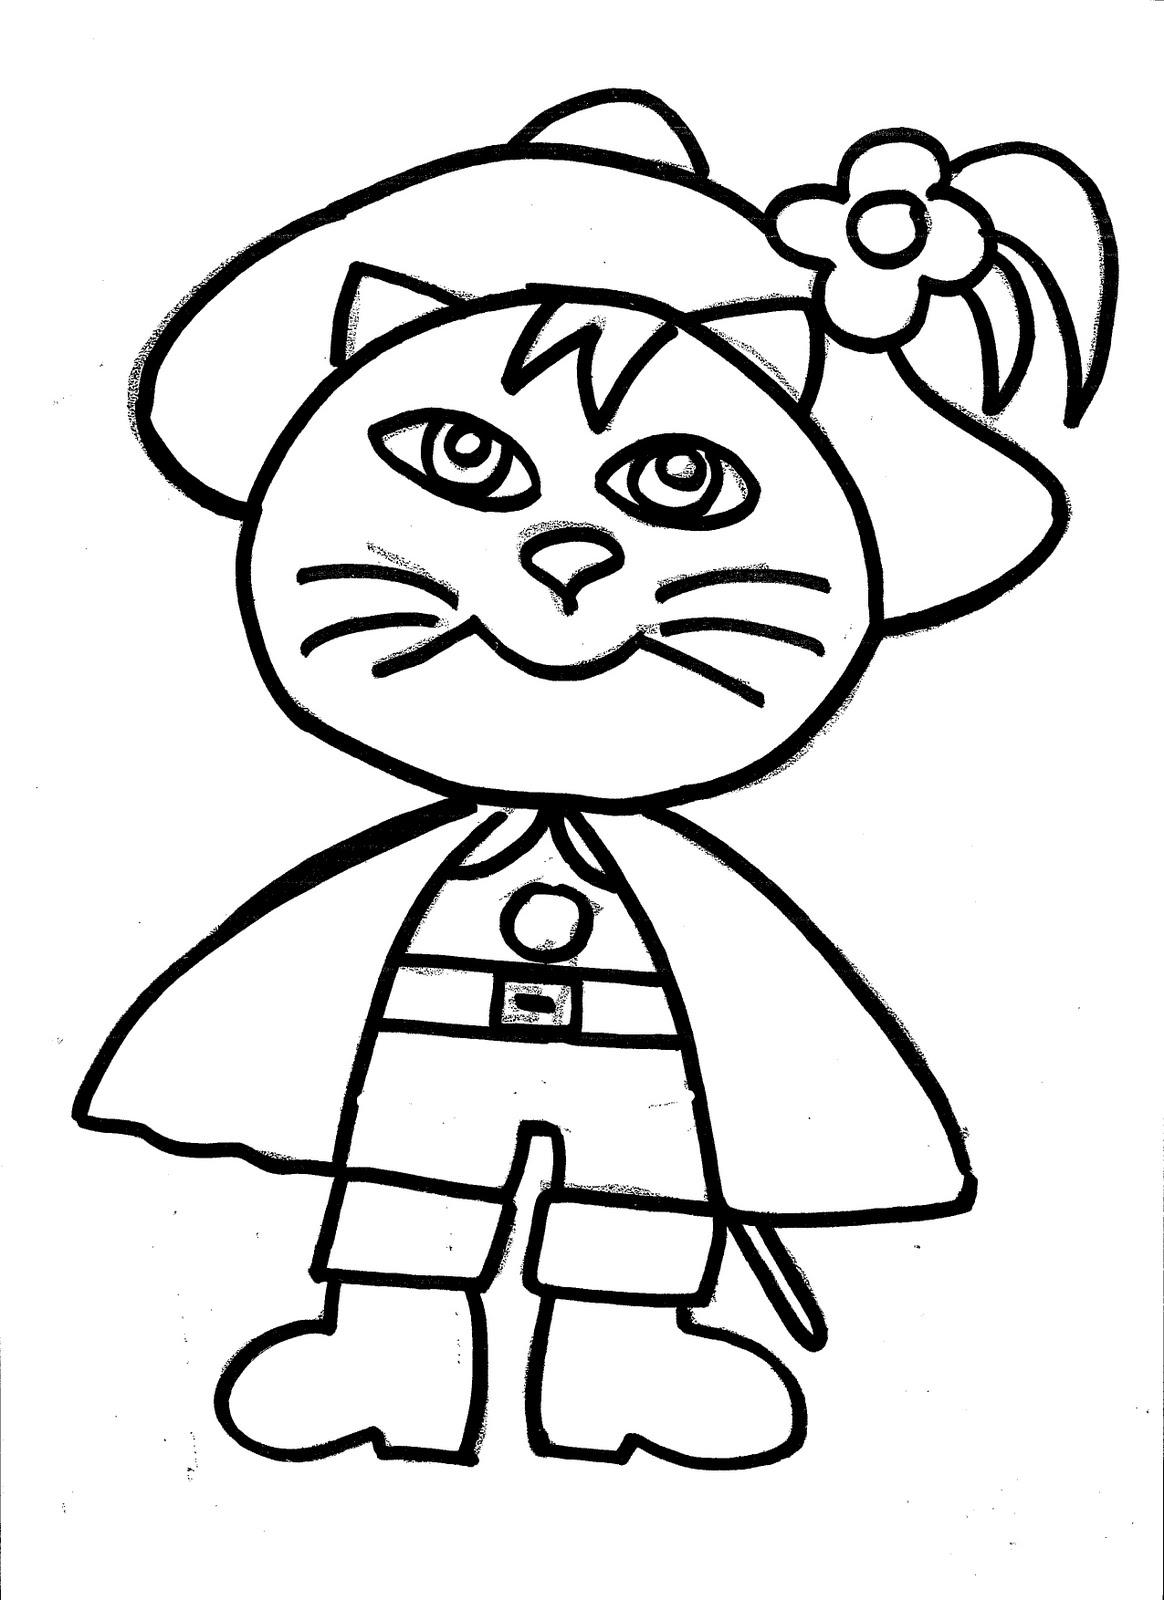 Dibujos animados para colorear: El Gato con Botas para colorear